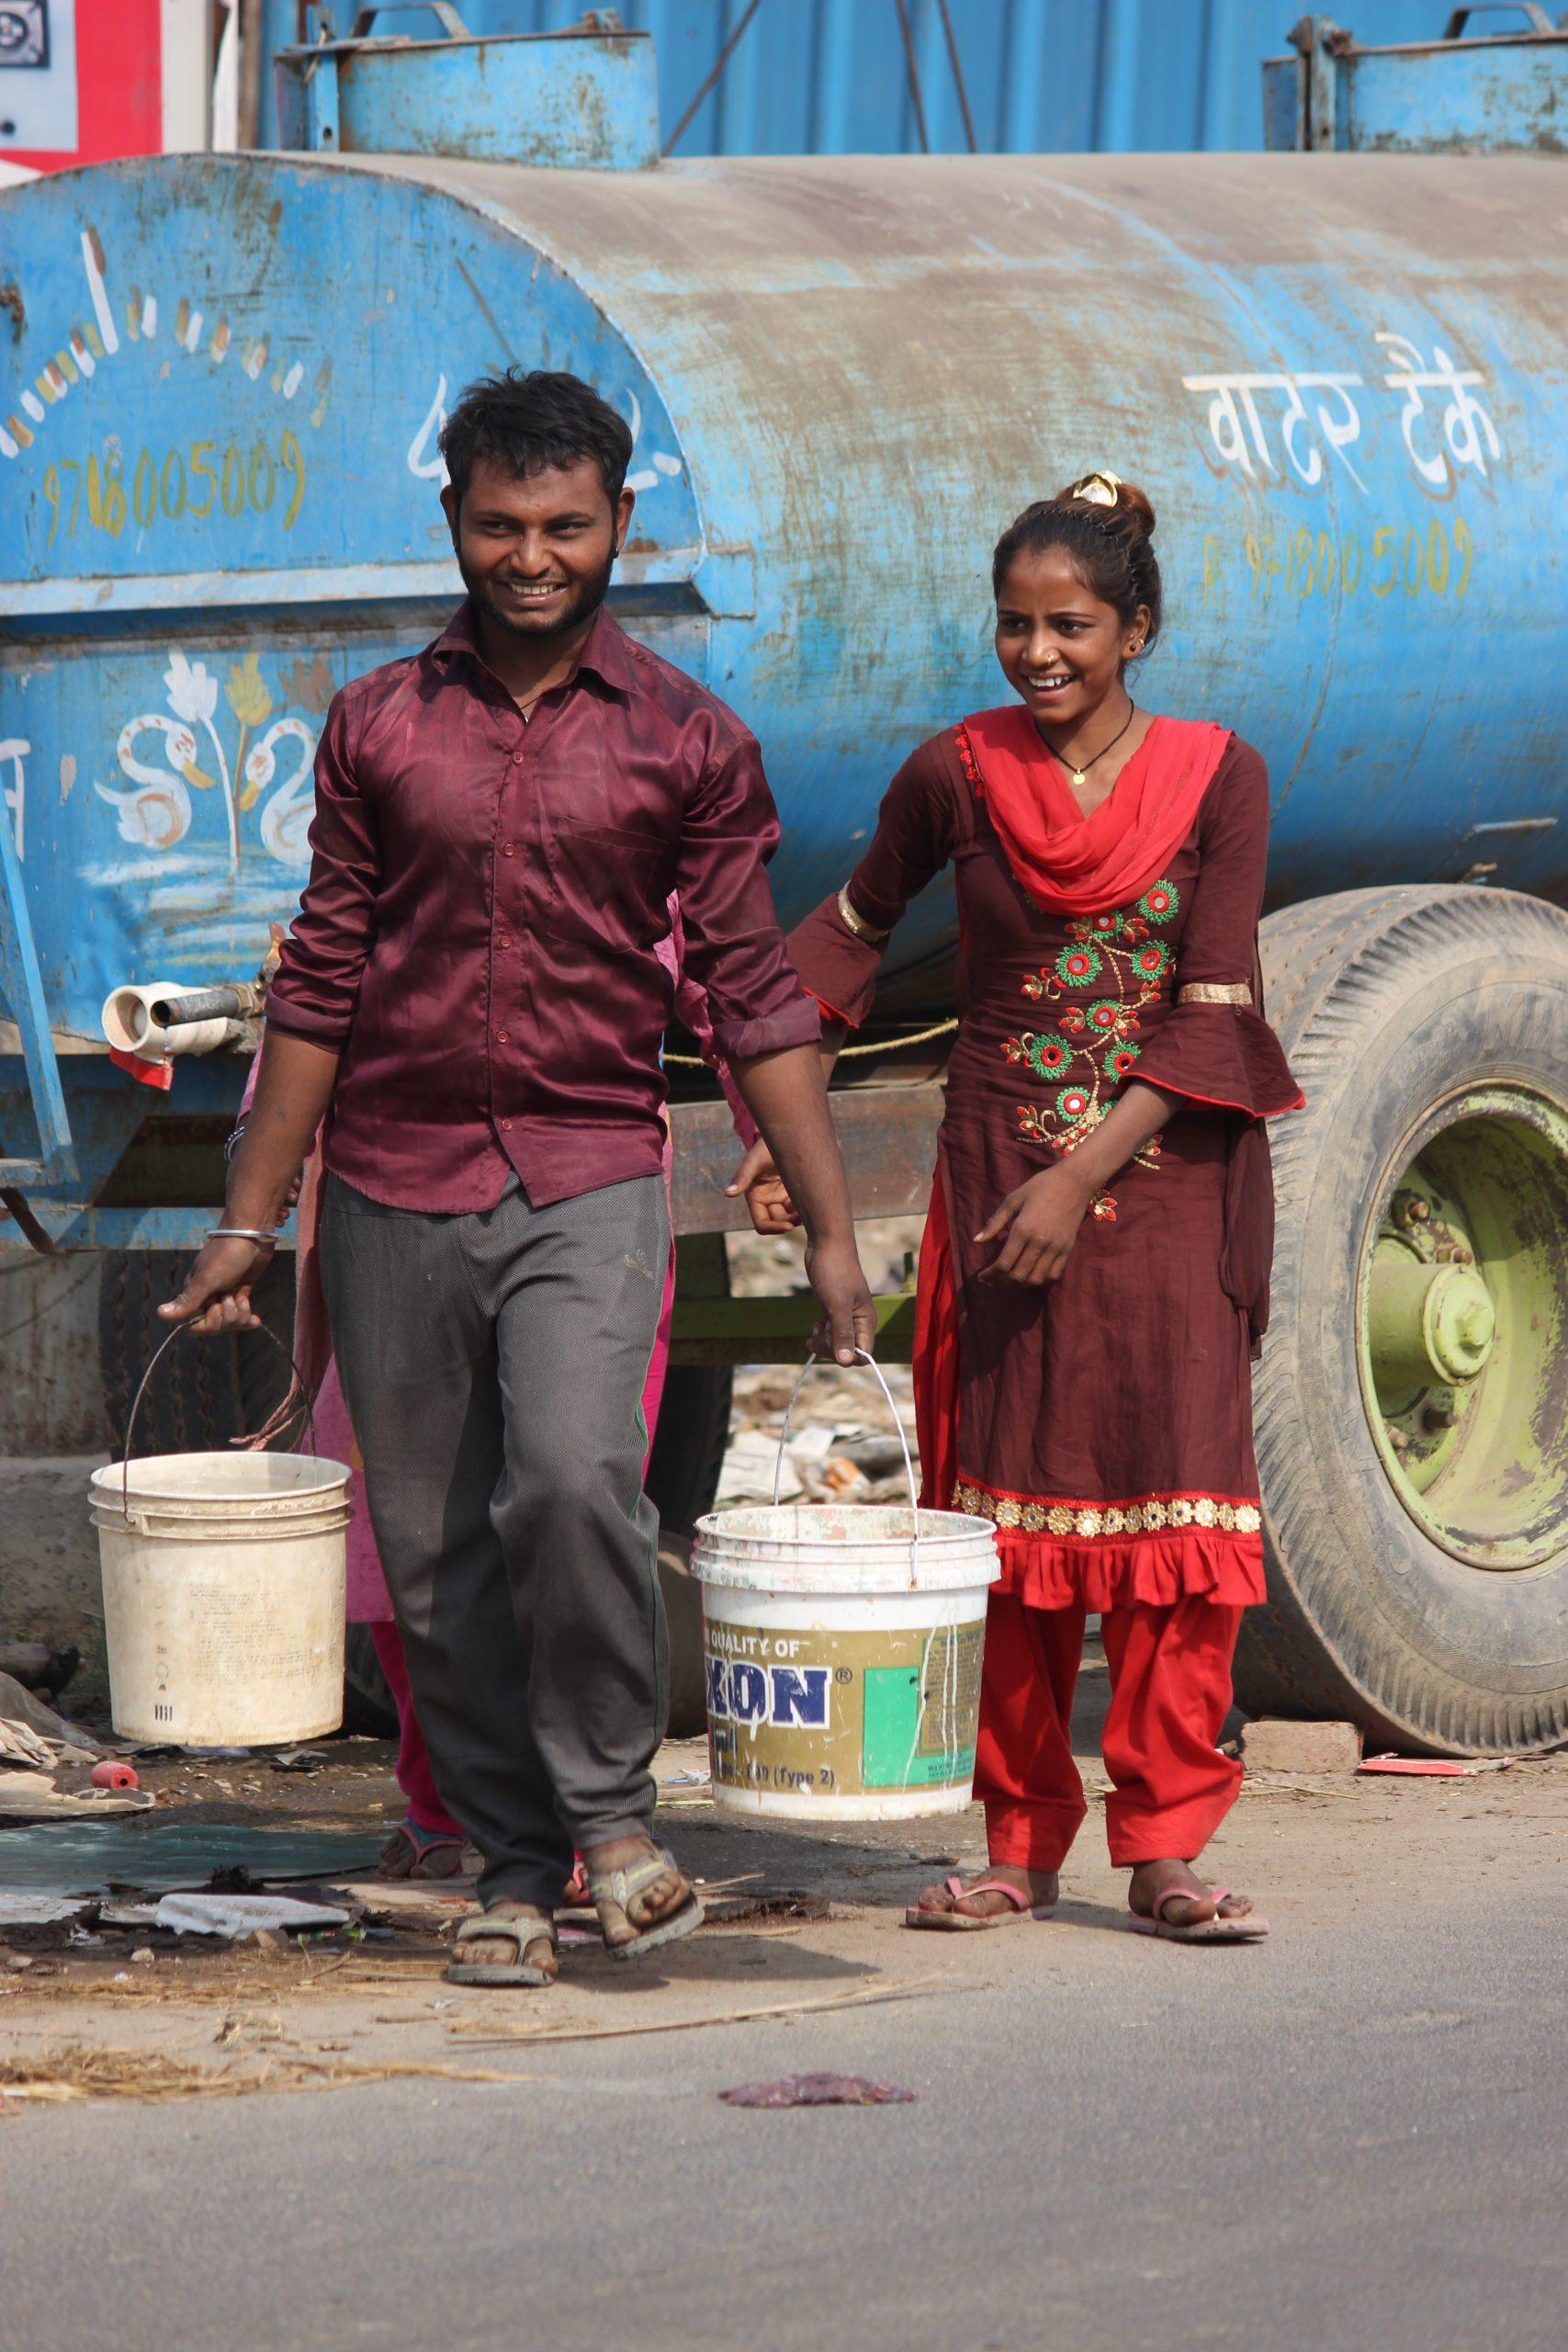 People near a watertank